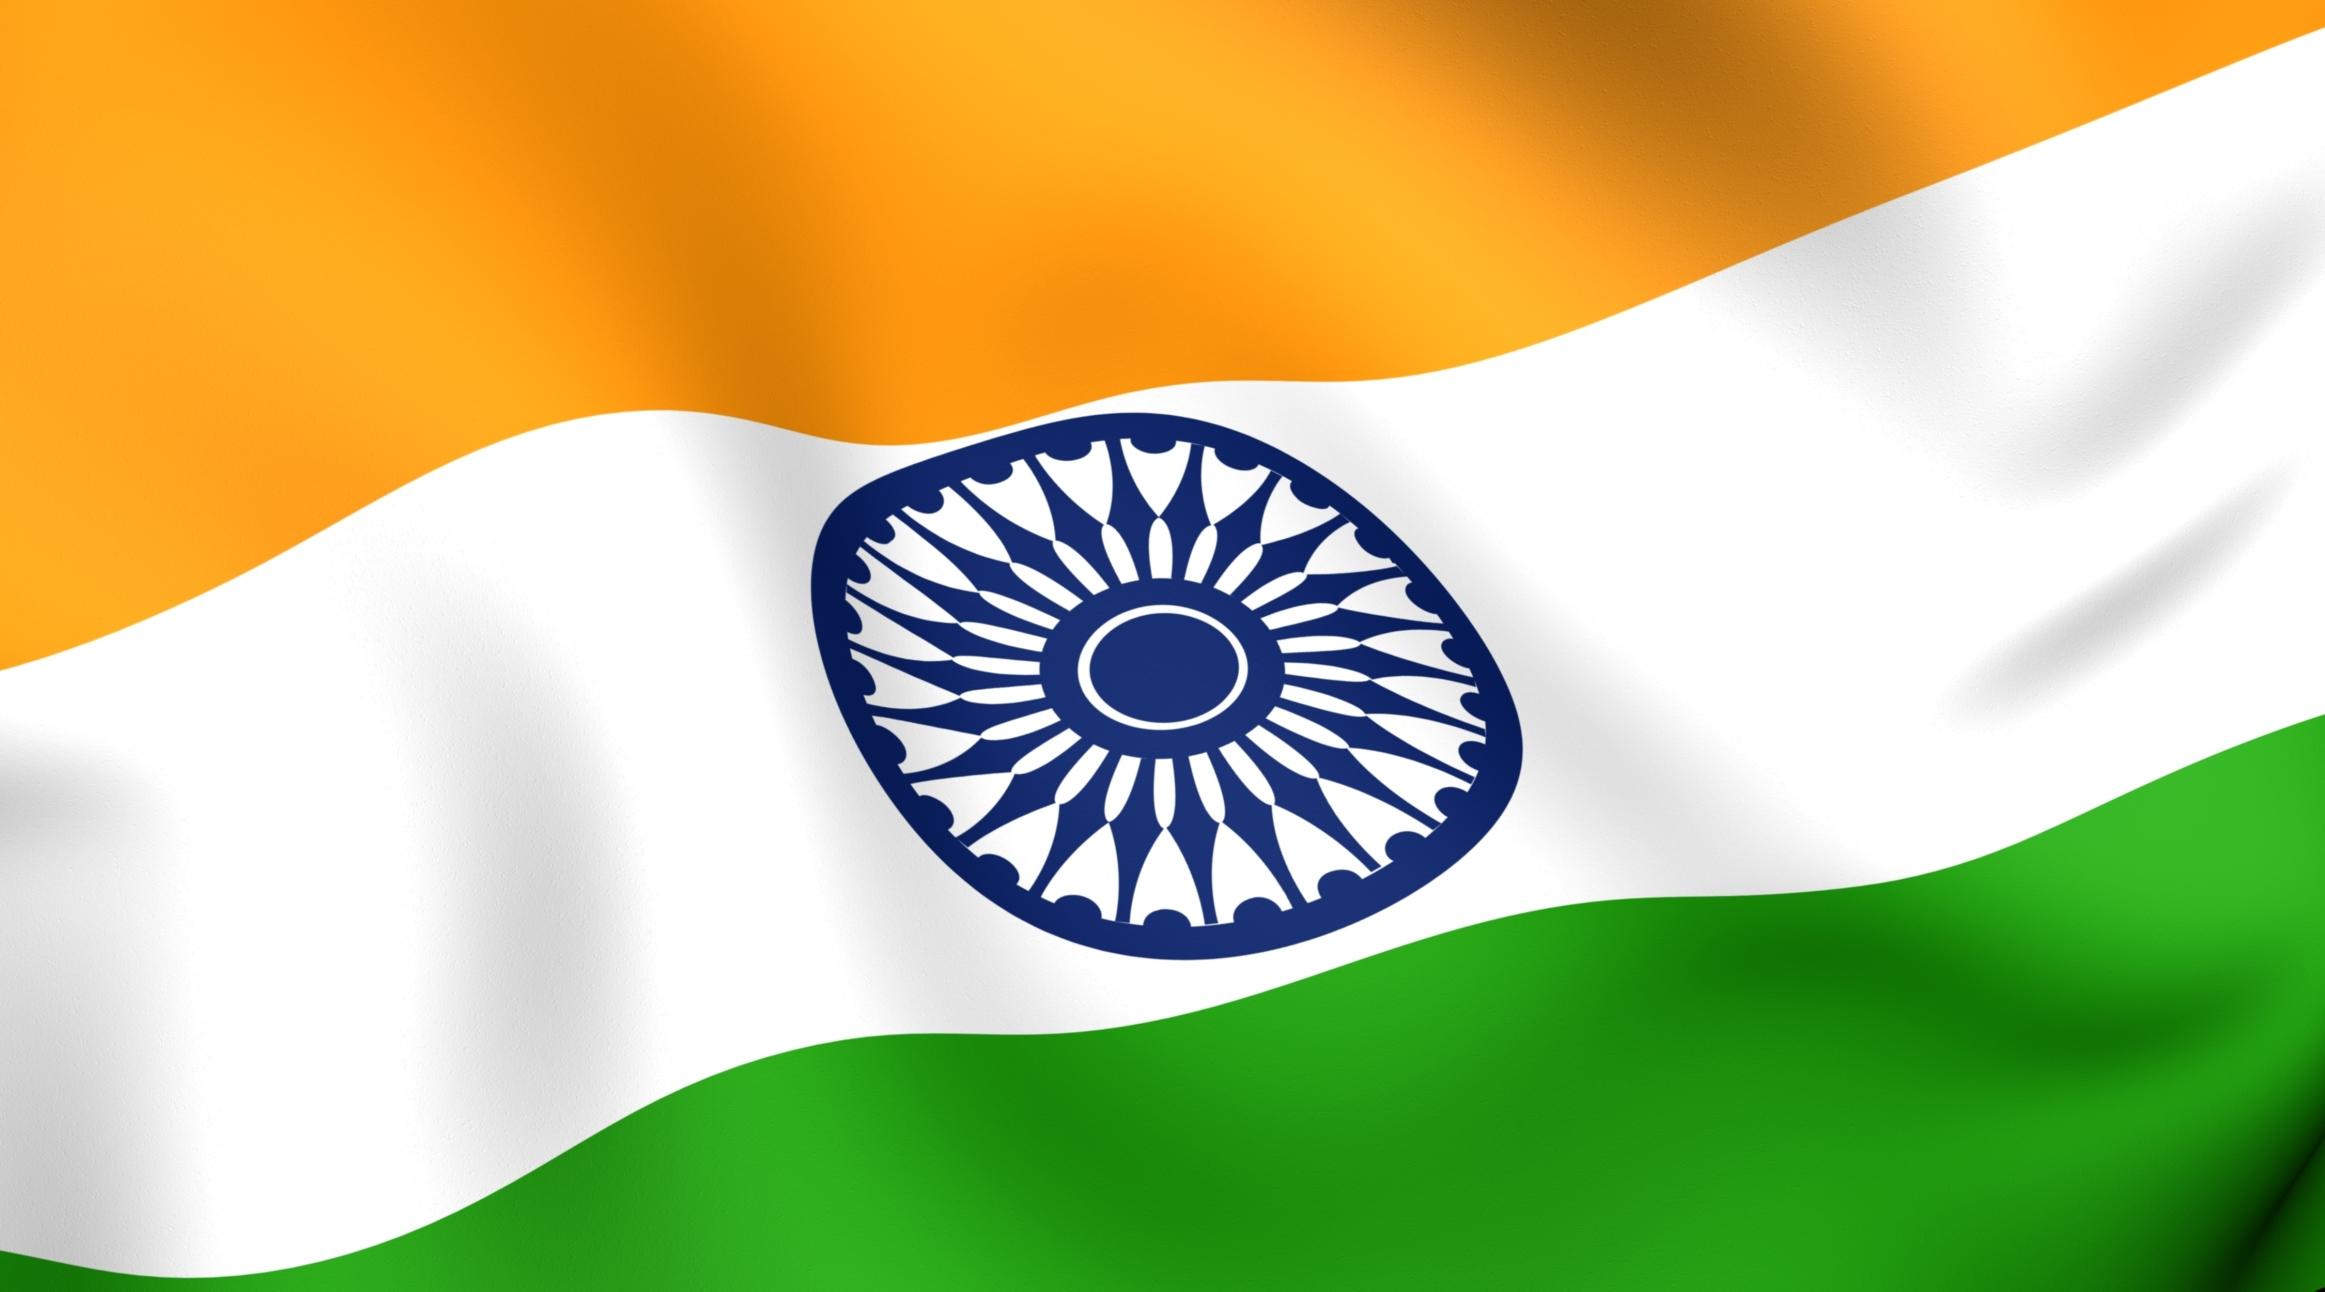 ہندوستانی شہری کو پاکستان میں تین سال کی قید